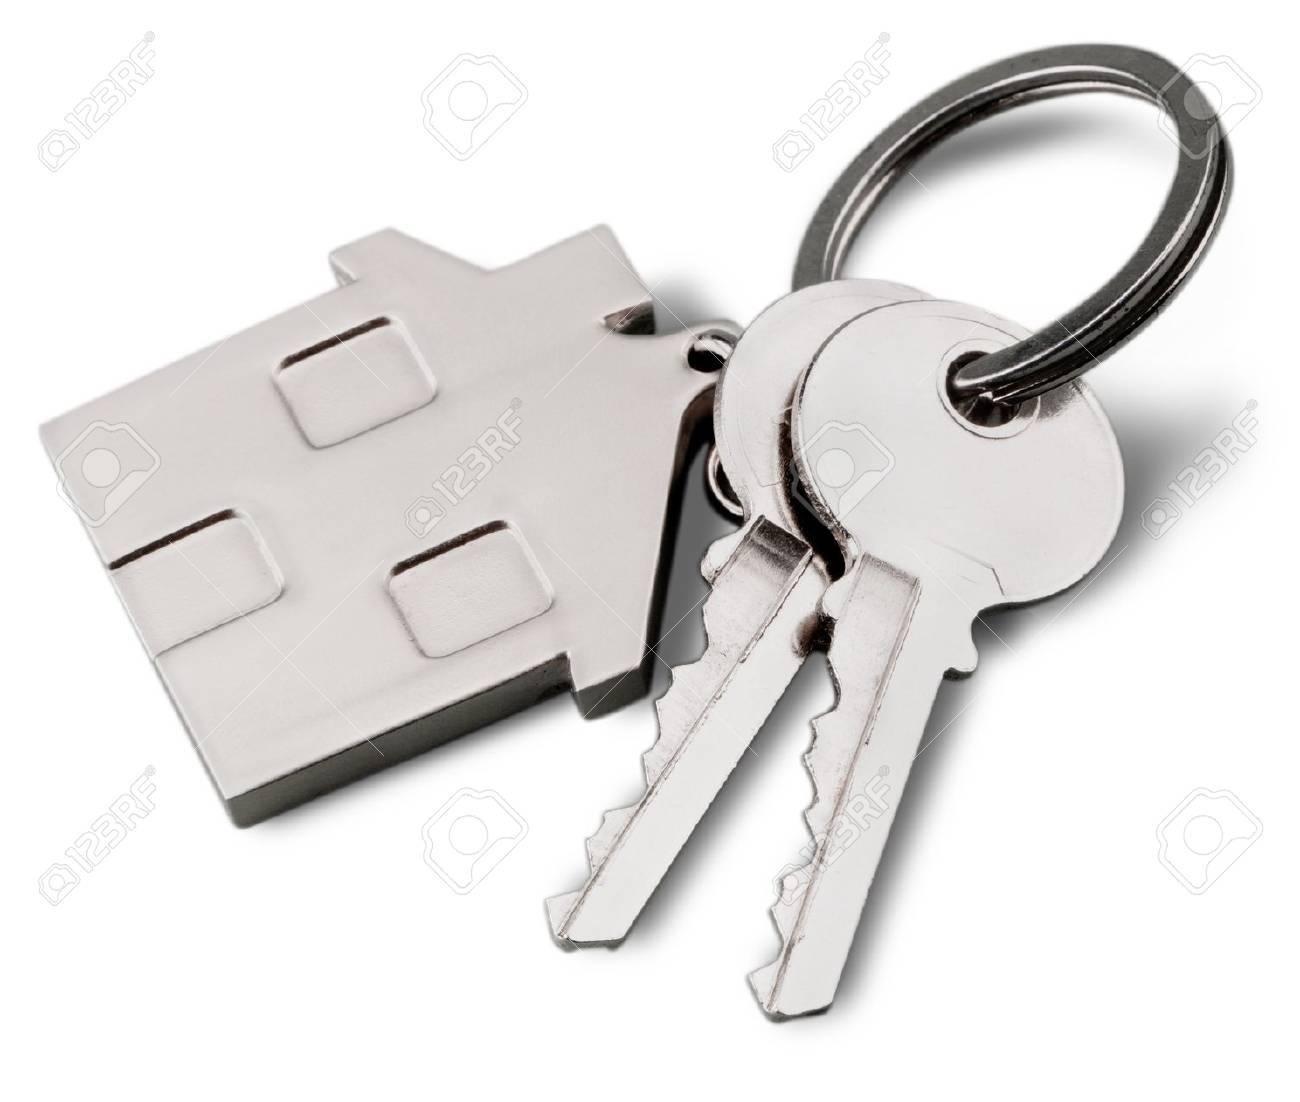 Loan. Stock Photo - 48663324